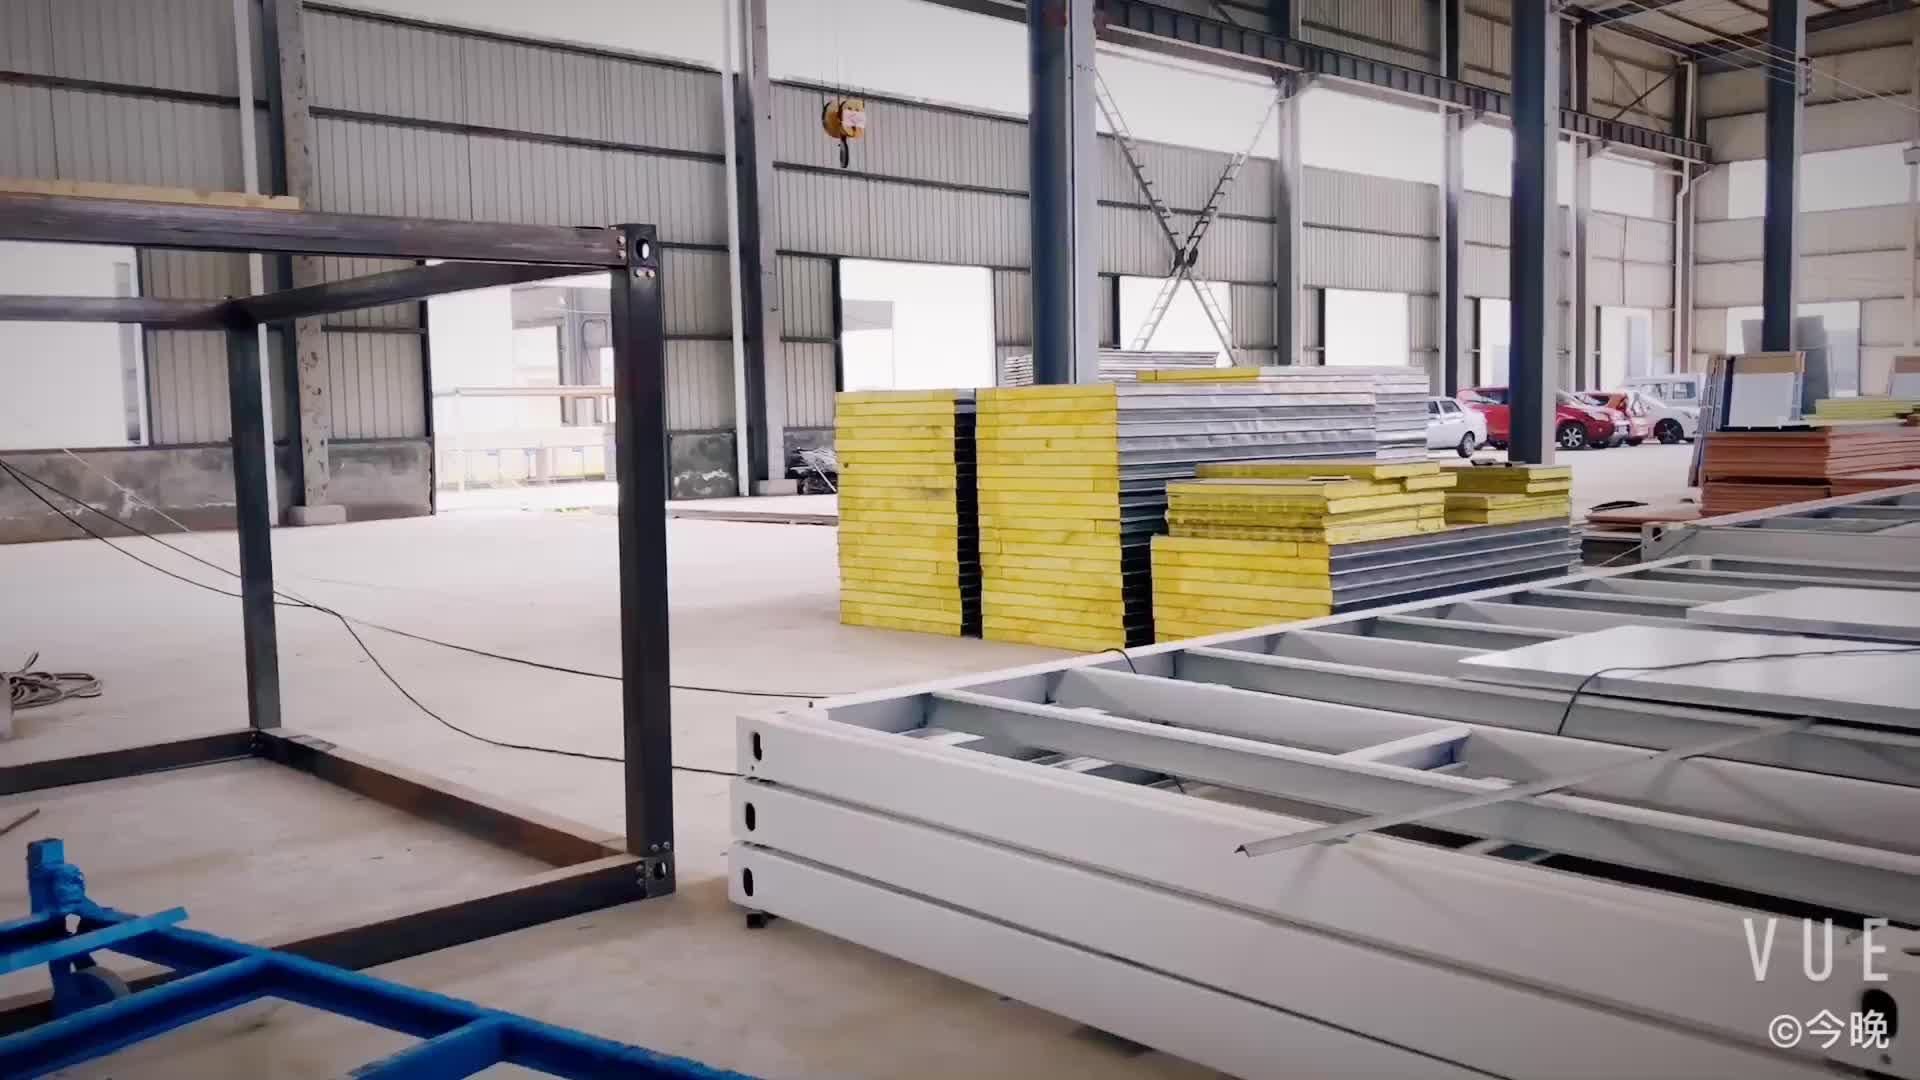 स्वीडन modularization कंटेनर घर जंगम पूर्वनिर्मित बिक्री के लिए फ्लैट पैक हाउस 20ft